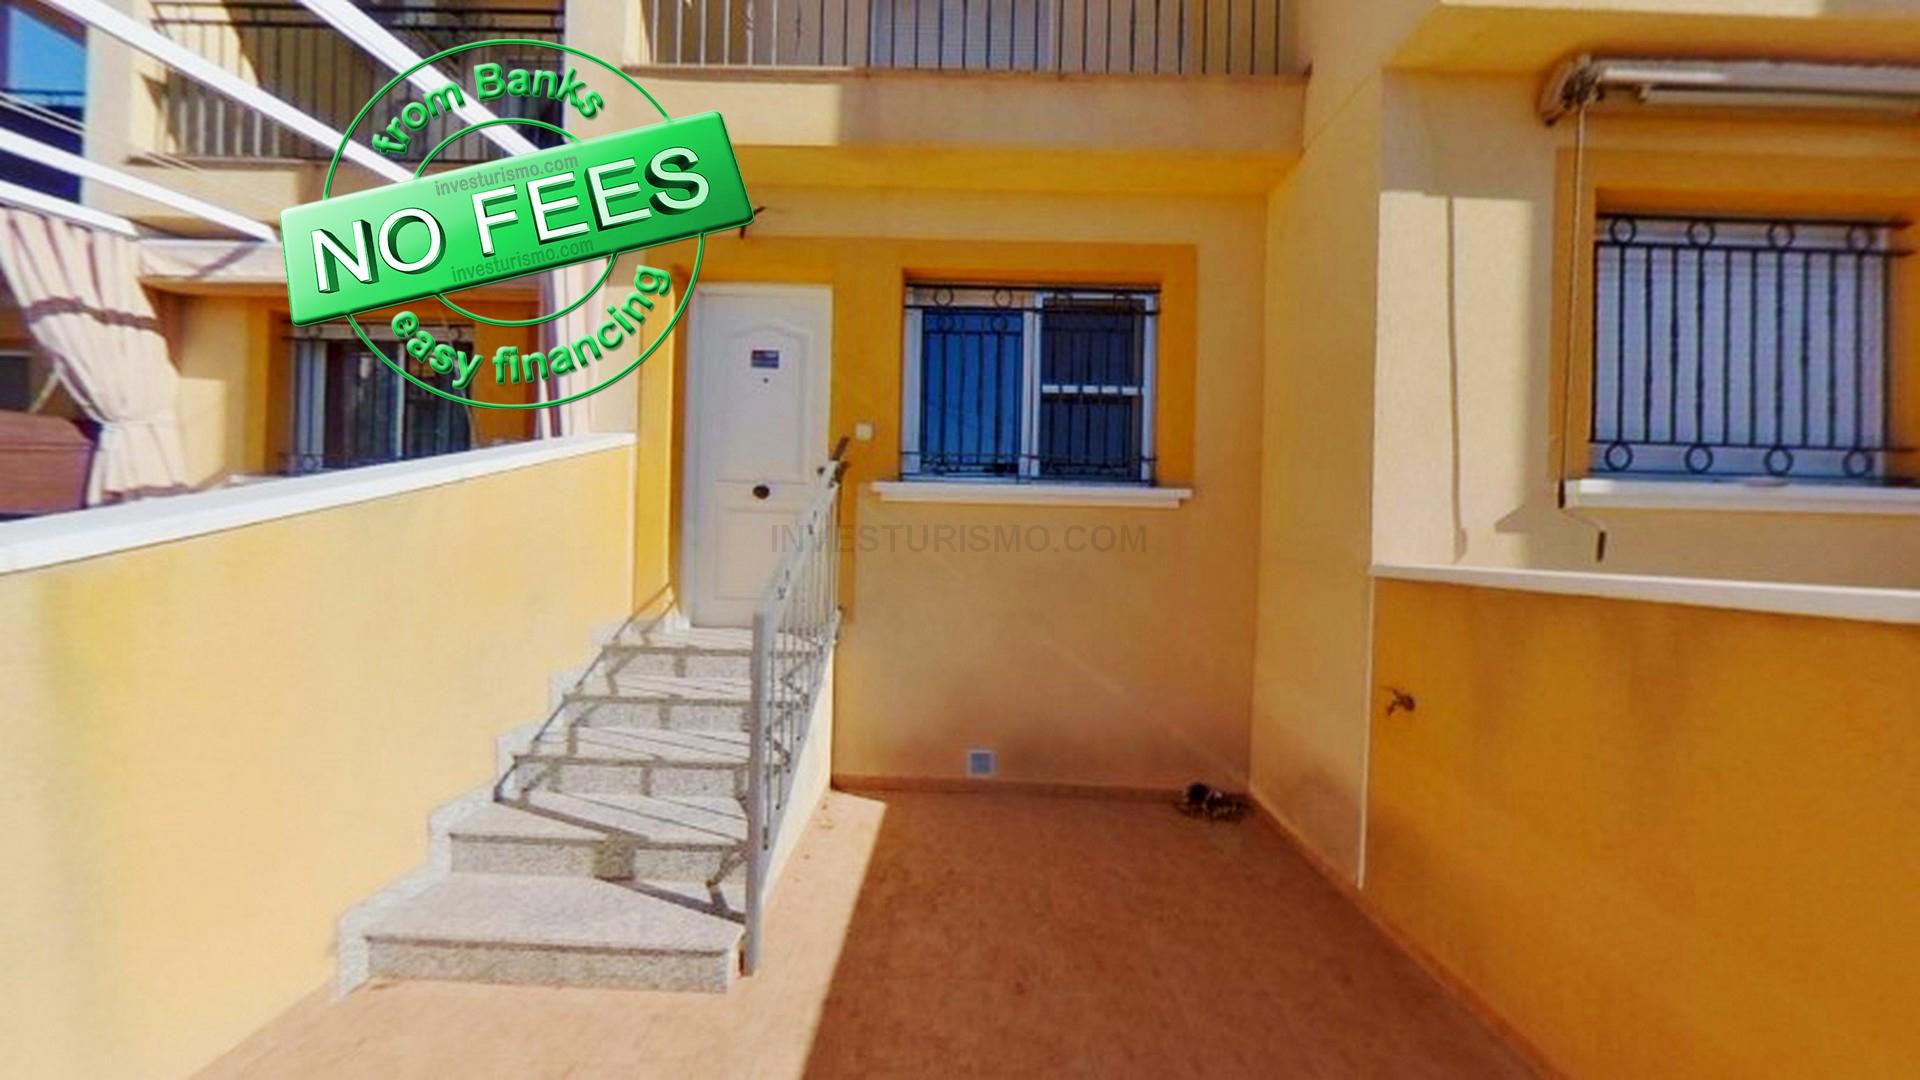 Townhouse 1 bedroom 1 bathroom in Pilar de la horadada